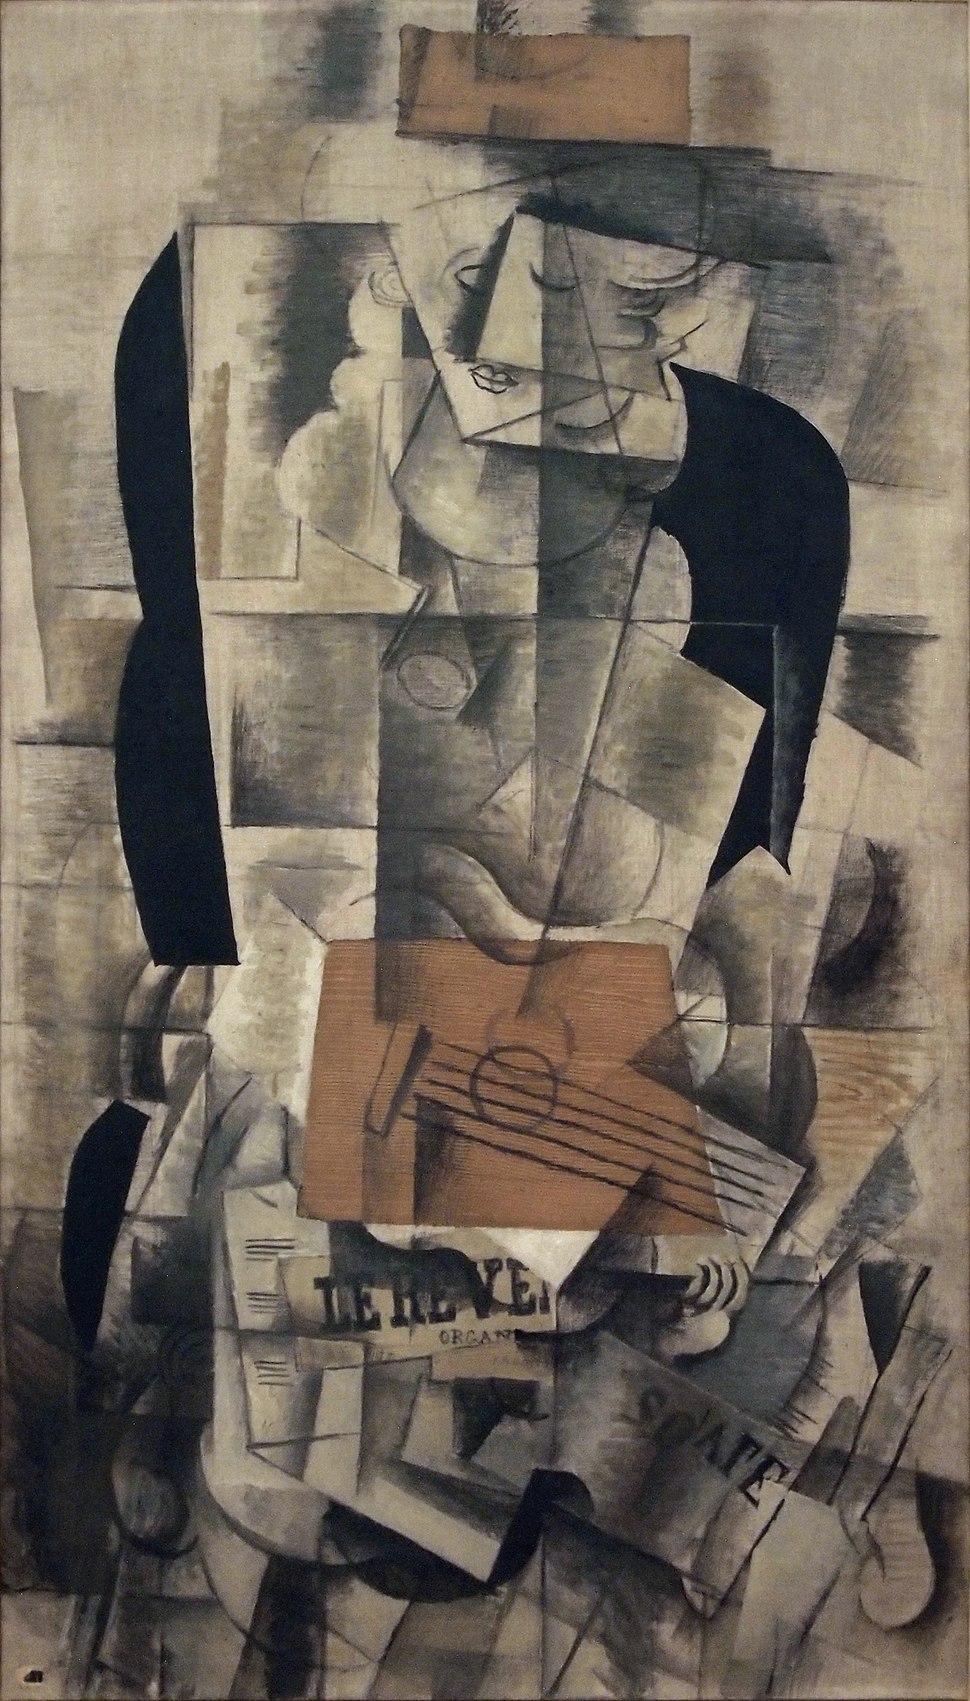 Georges Braque, 1913, Femme à la guitare (Woman with Guitar), oil and charcoal on canvas, 130 × 73 cm, Musée National d'Art Moderne, Centre Pompidou